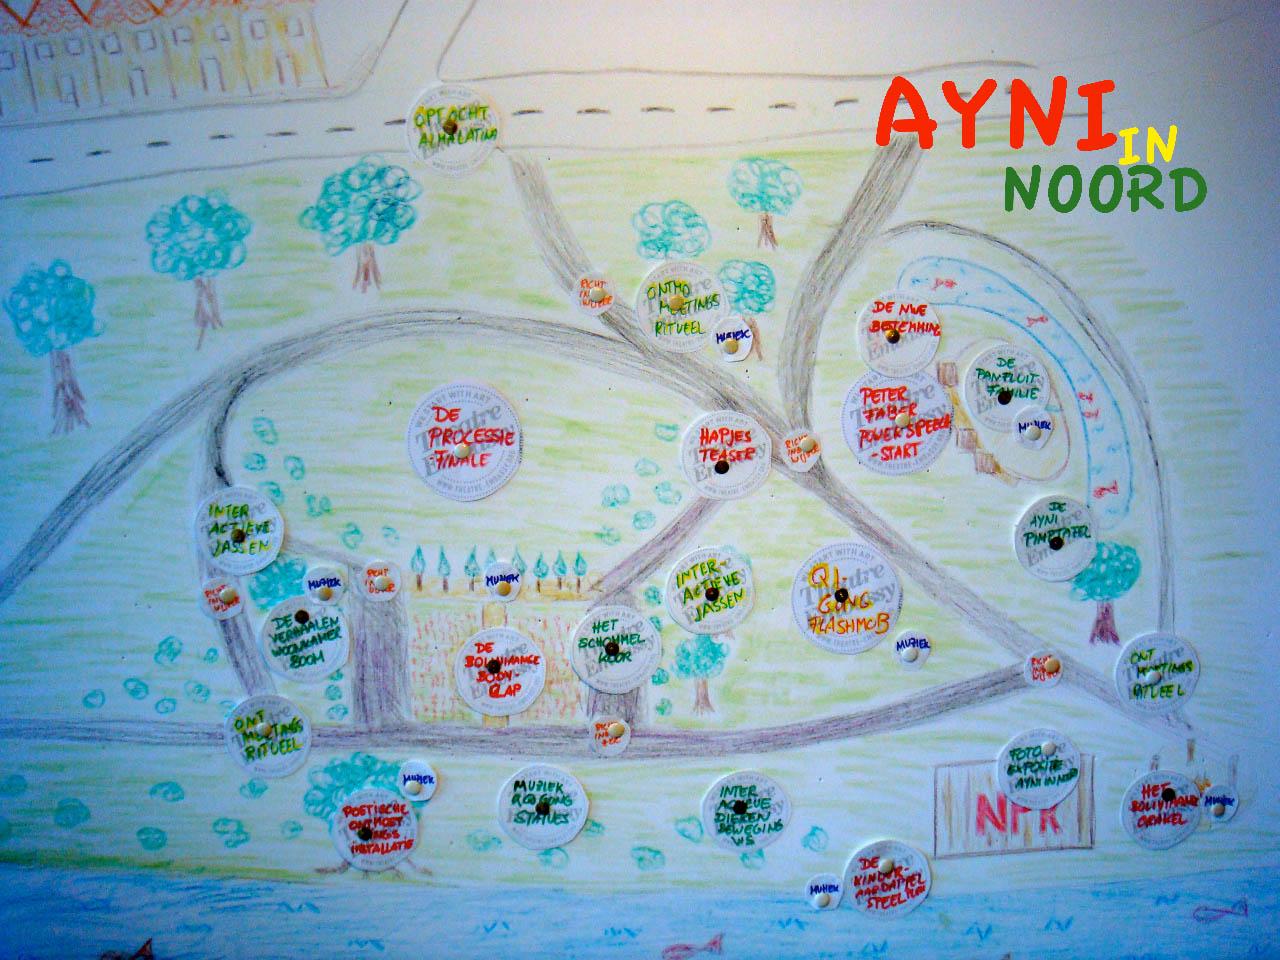 2011_netherlands_ayni_00